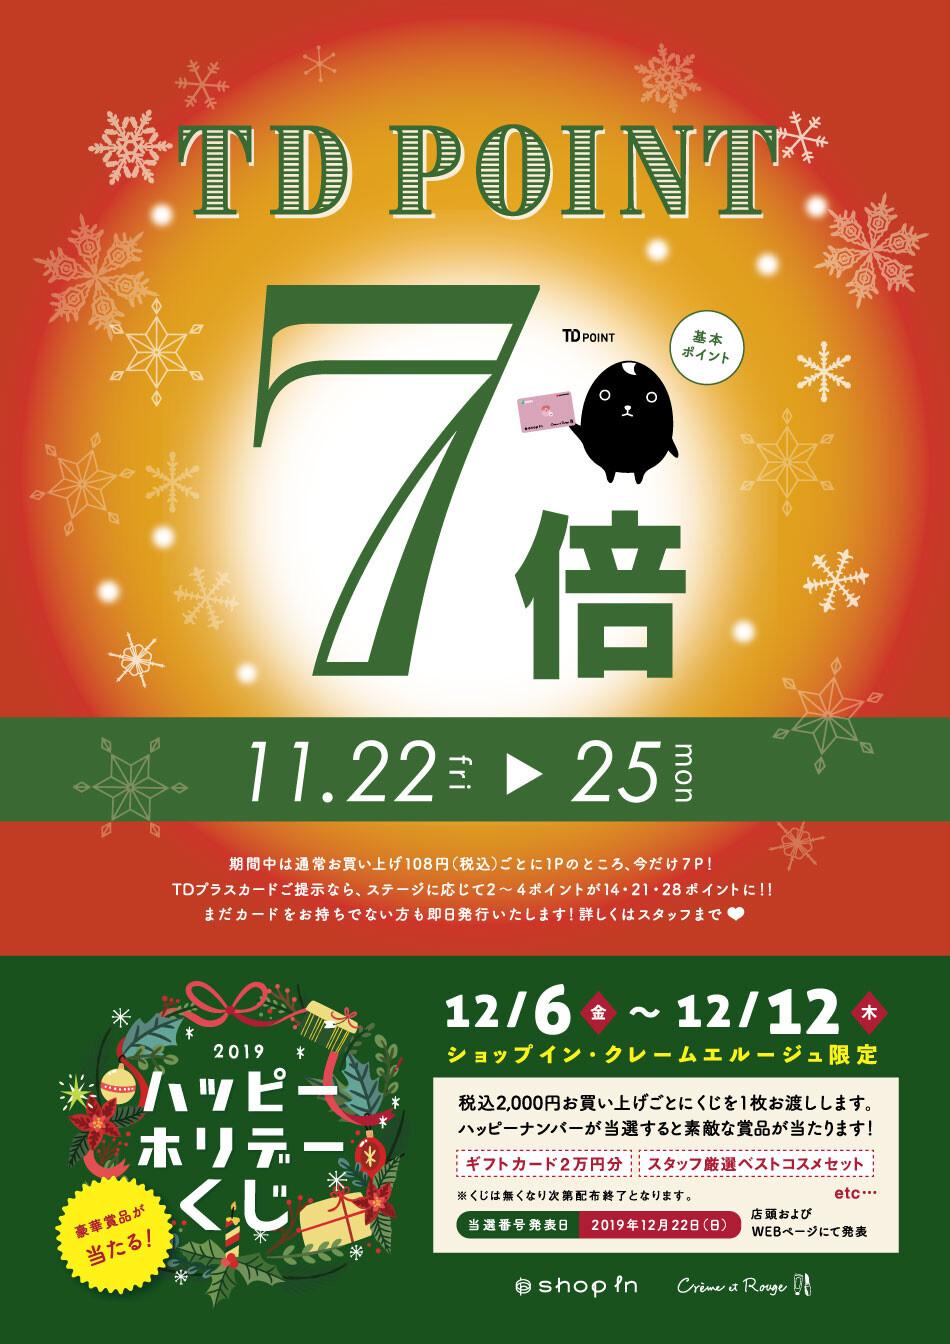 【告知】TD7倍イベントのお知らせ!!